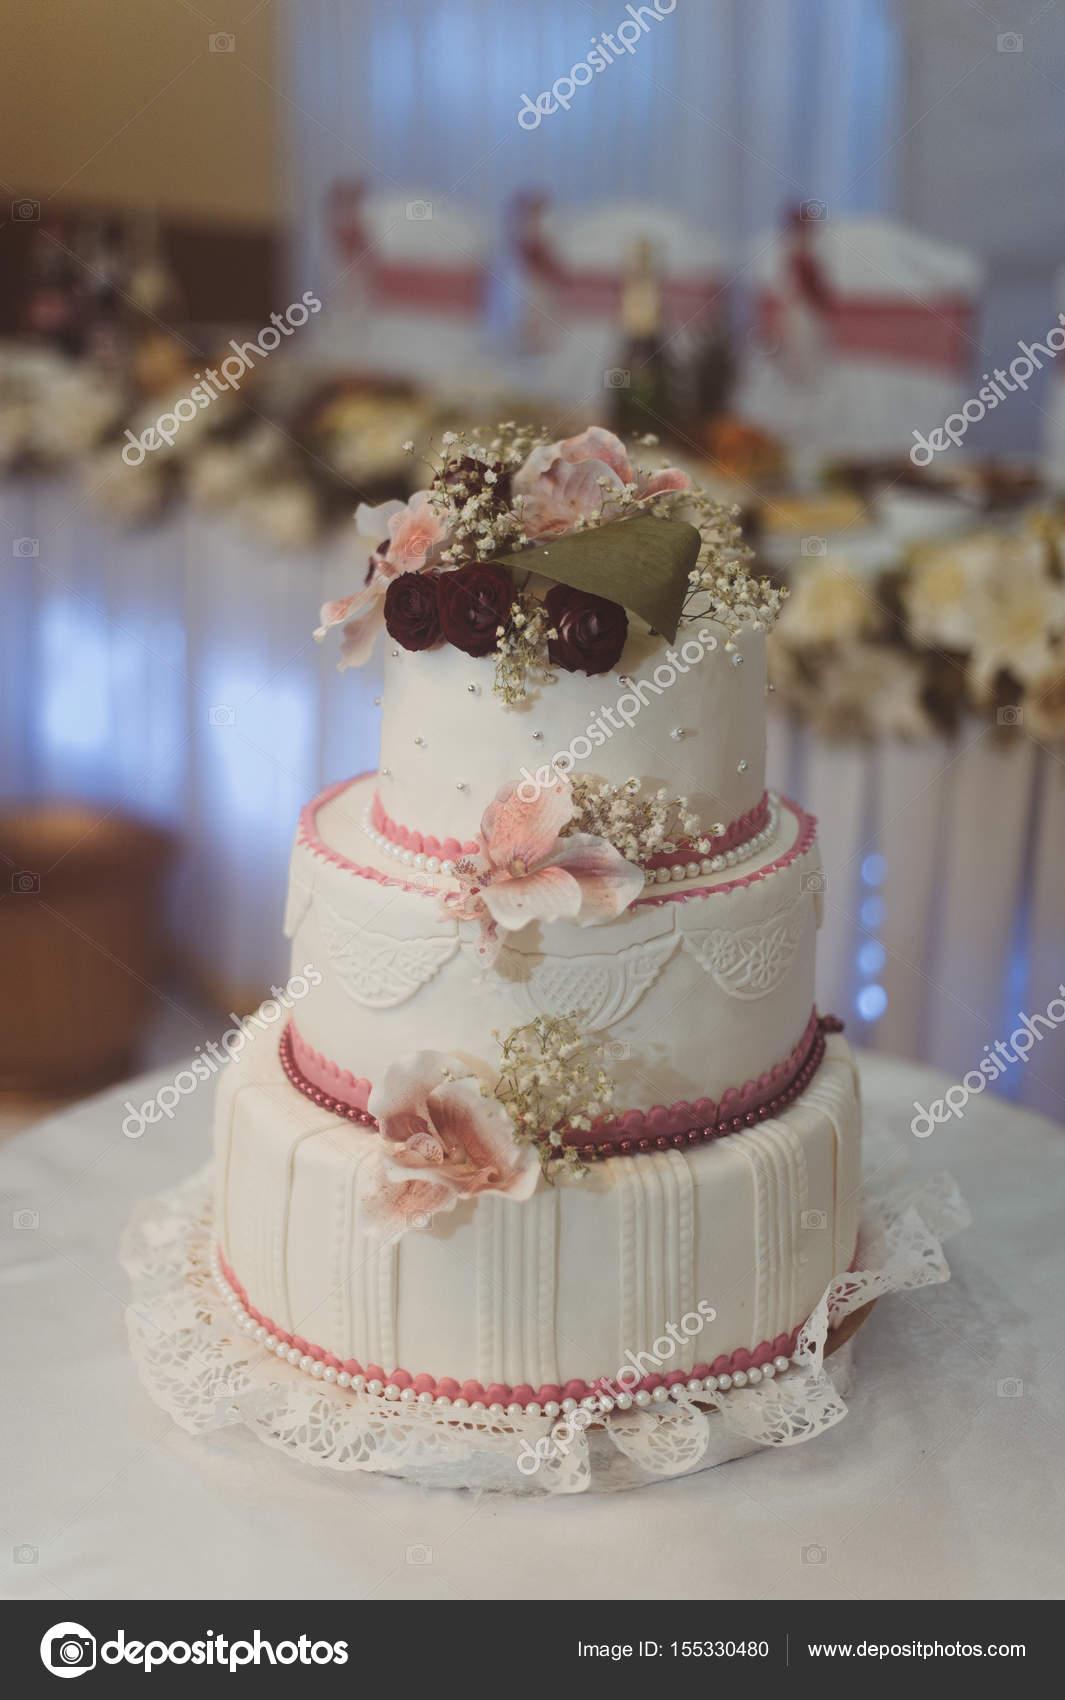 Weisse Hochzeitstorte Rosa Farbe Mit Blumen Dekorieren Stockfoto